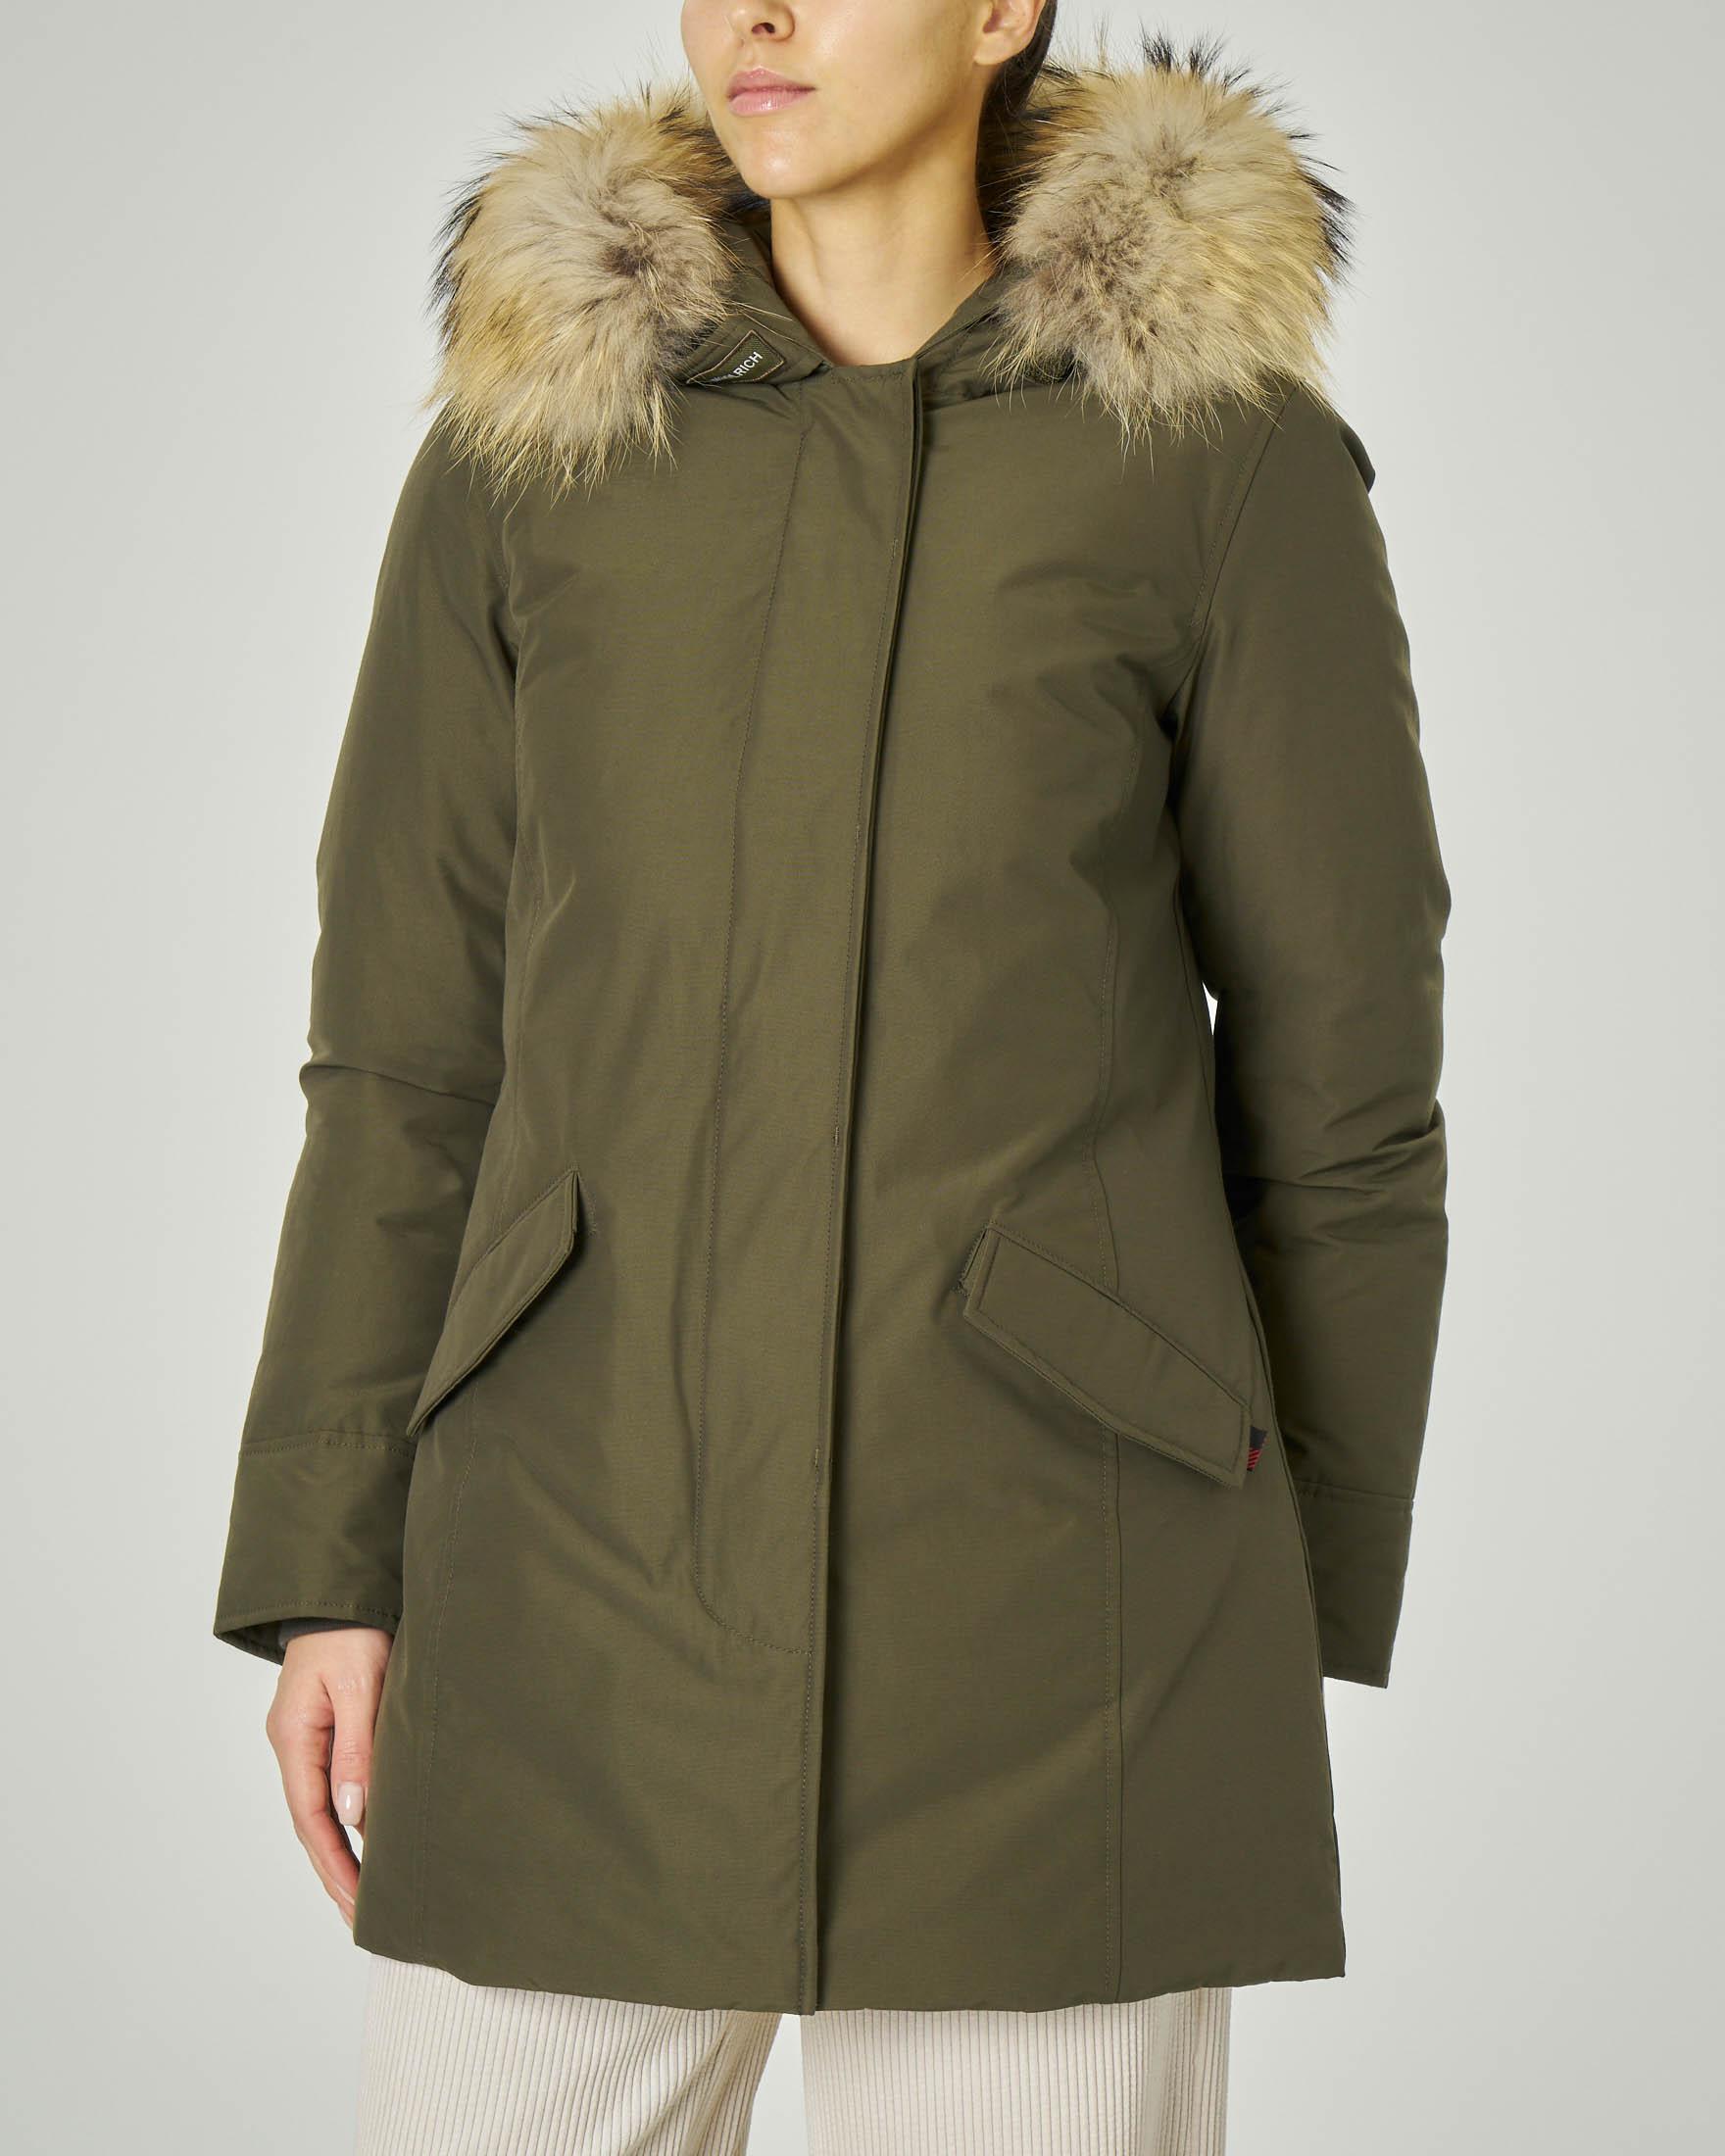 W'S Arctic Parka Fr verde militare con cappuccio con bordatura in pelliccia staccabile